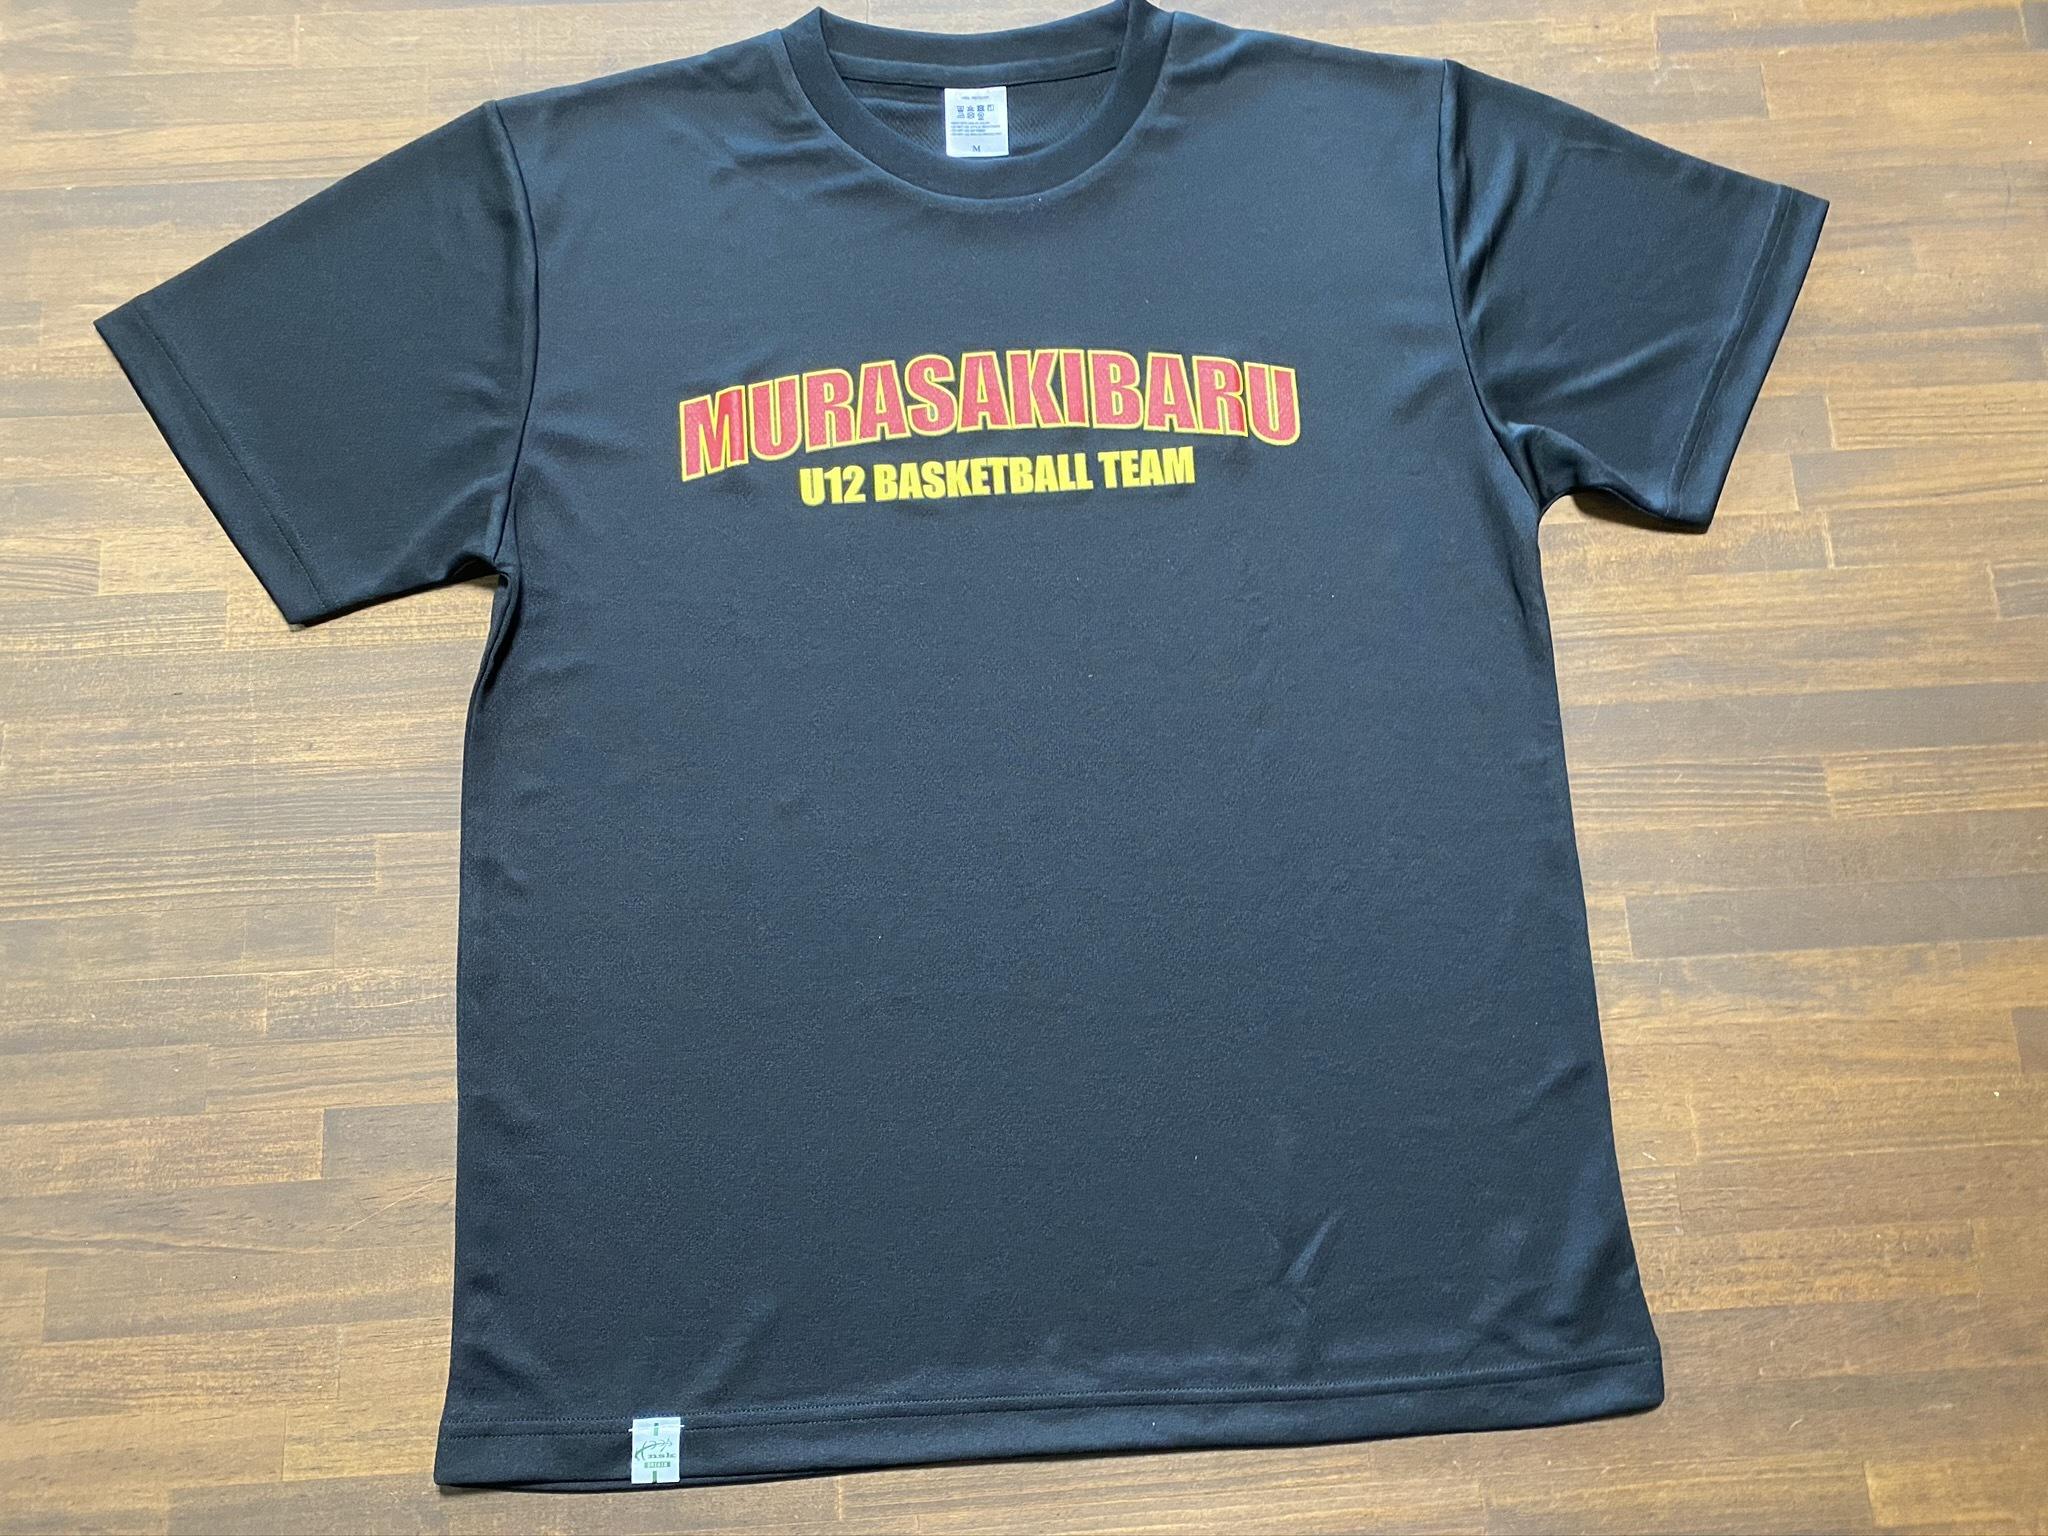 【デザインサンプル】紫原ミニバスケットボールクラブ(U12・男子)Tシャツ